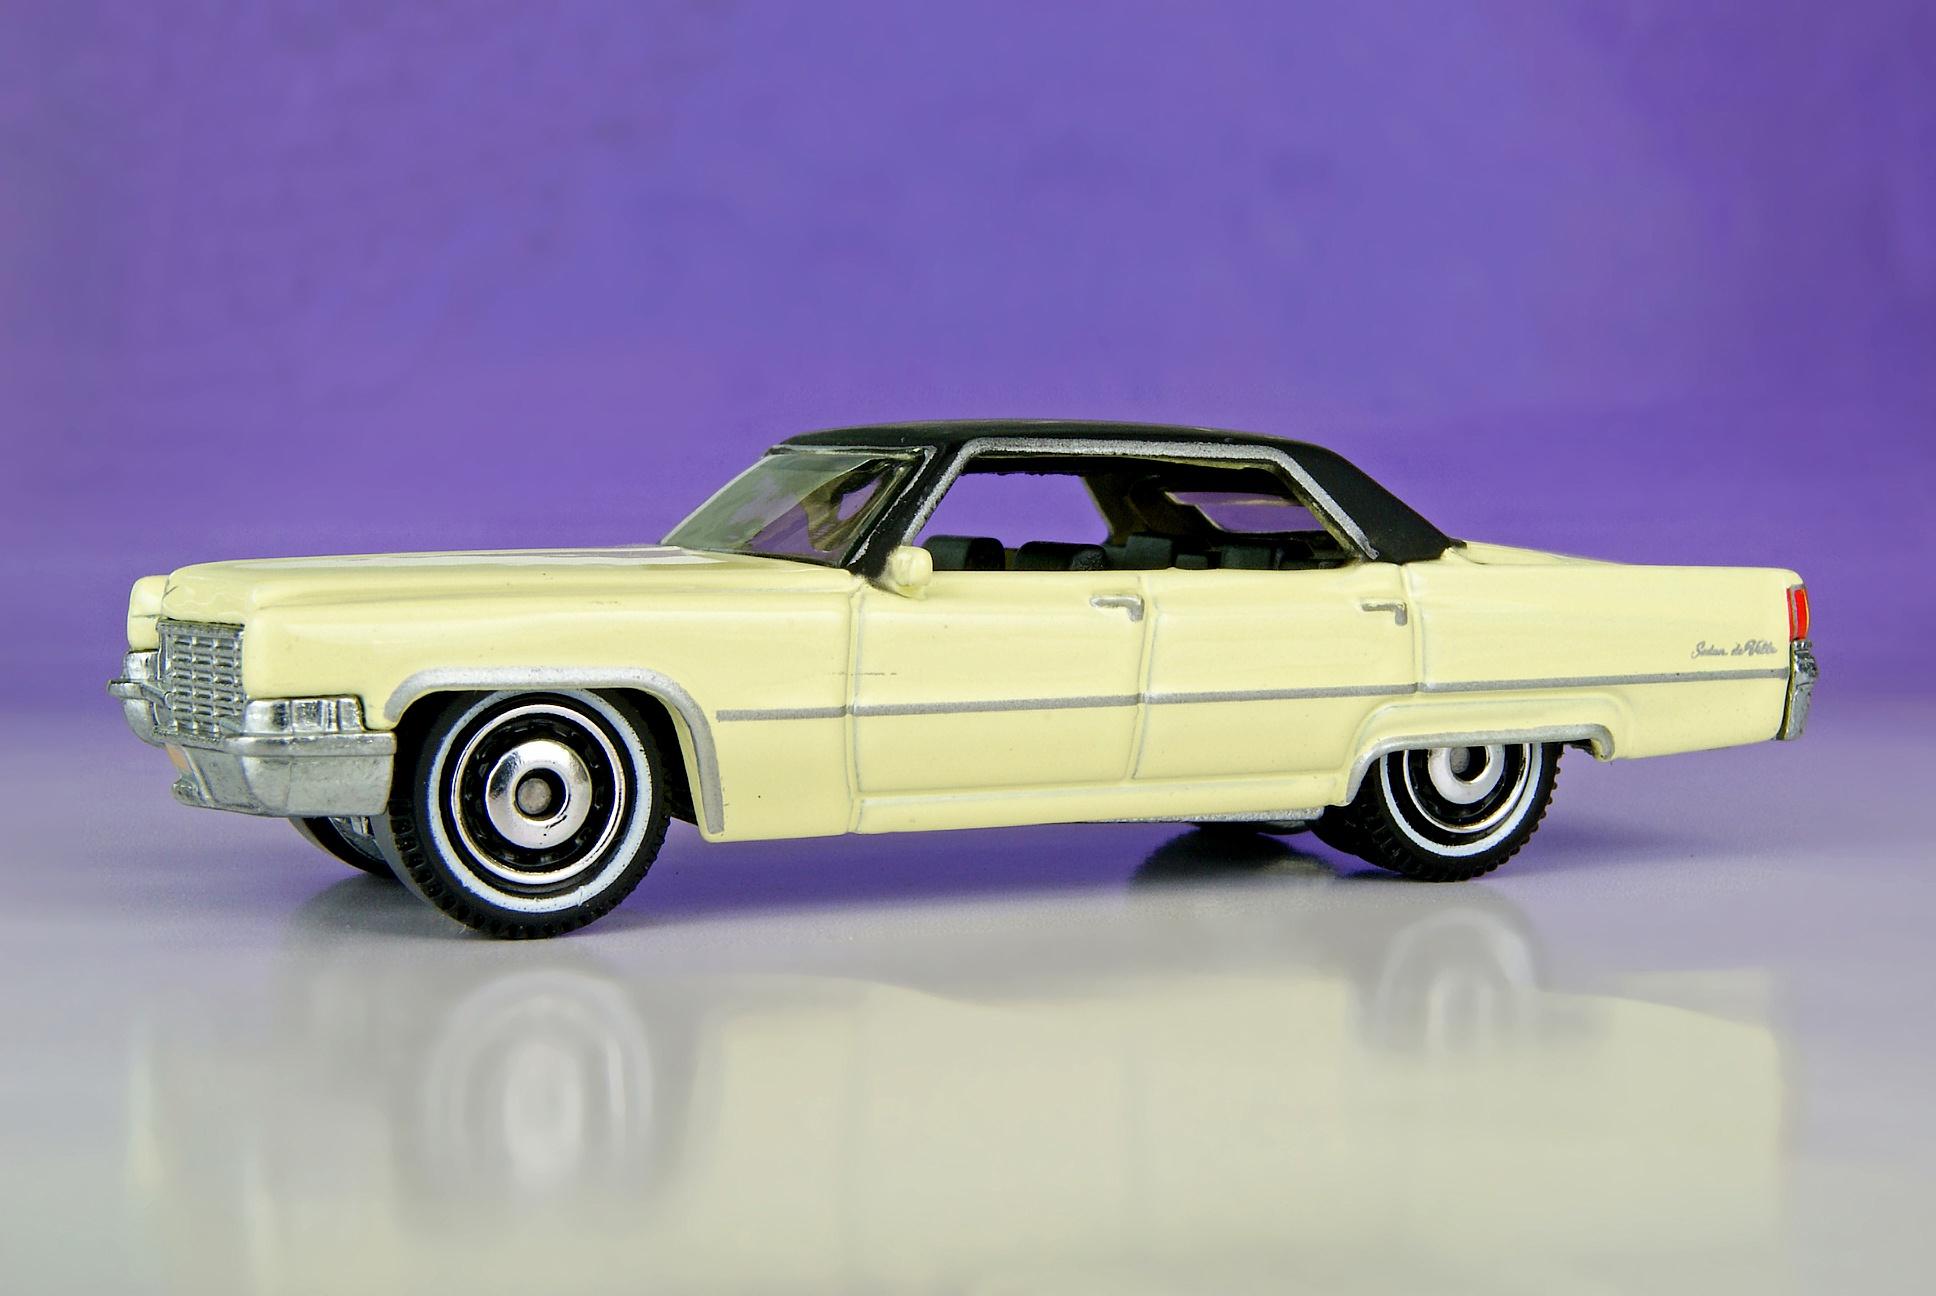 39 69 cadillac sedan deville matchbox cars wiki. Black Bedroom Furniture Sets. Home Design Ideas